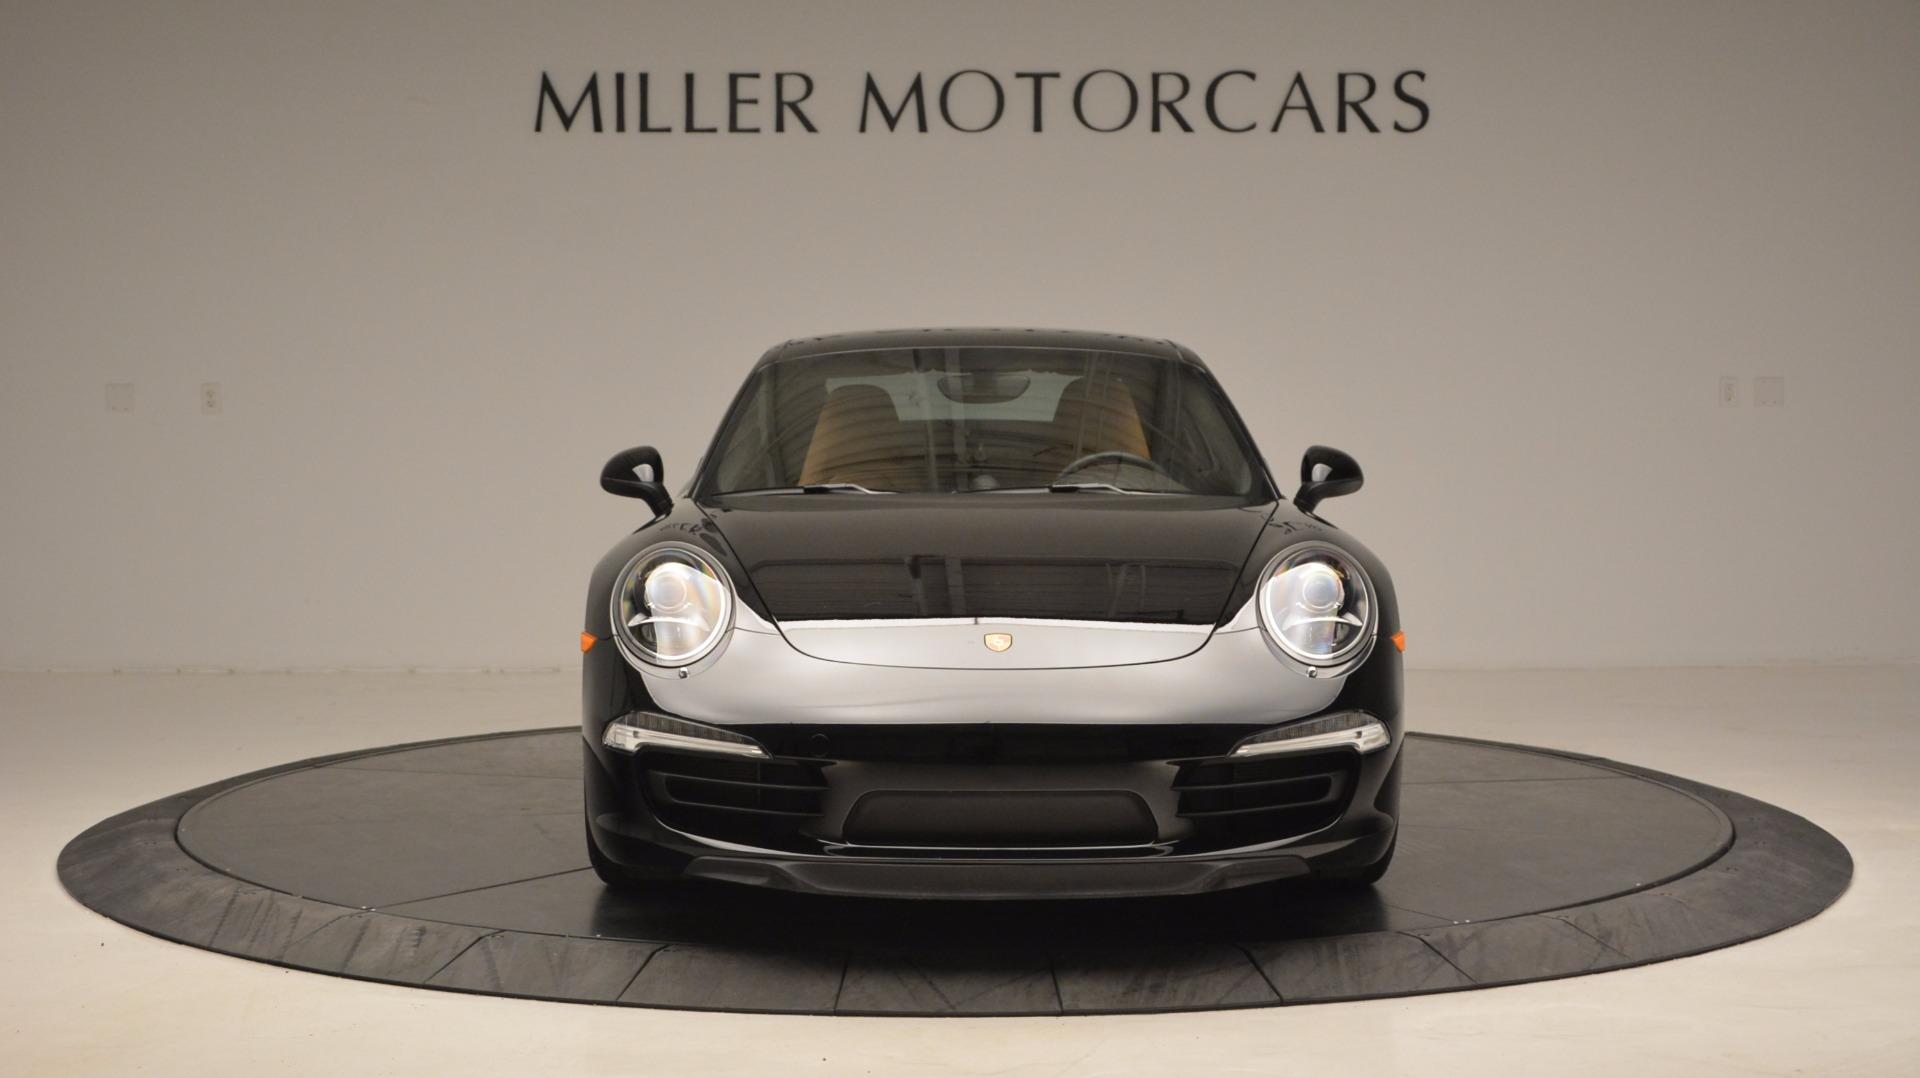 Used 2014 Porsche 911 Carrera 4S For Sale In Greenwich, CT 1076_p12